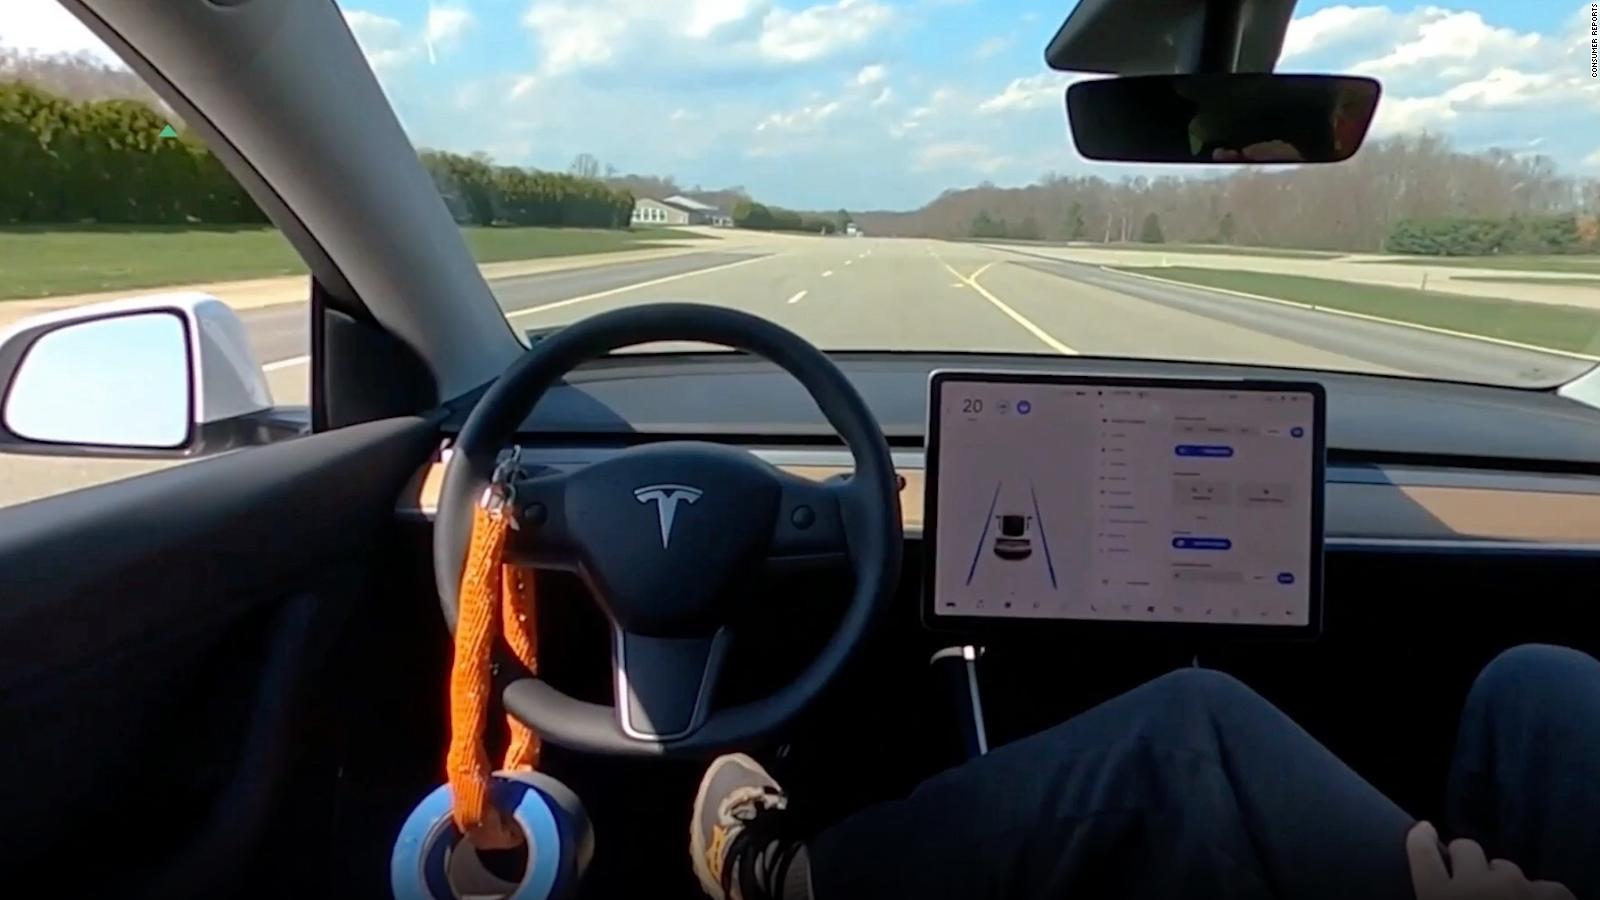 Учёные отметили негативное влияние автопилота Tesla на внимательность водителей